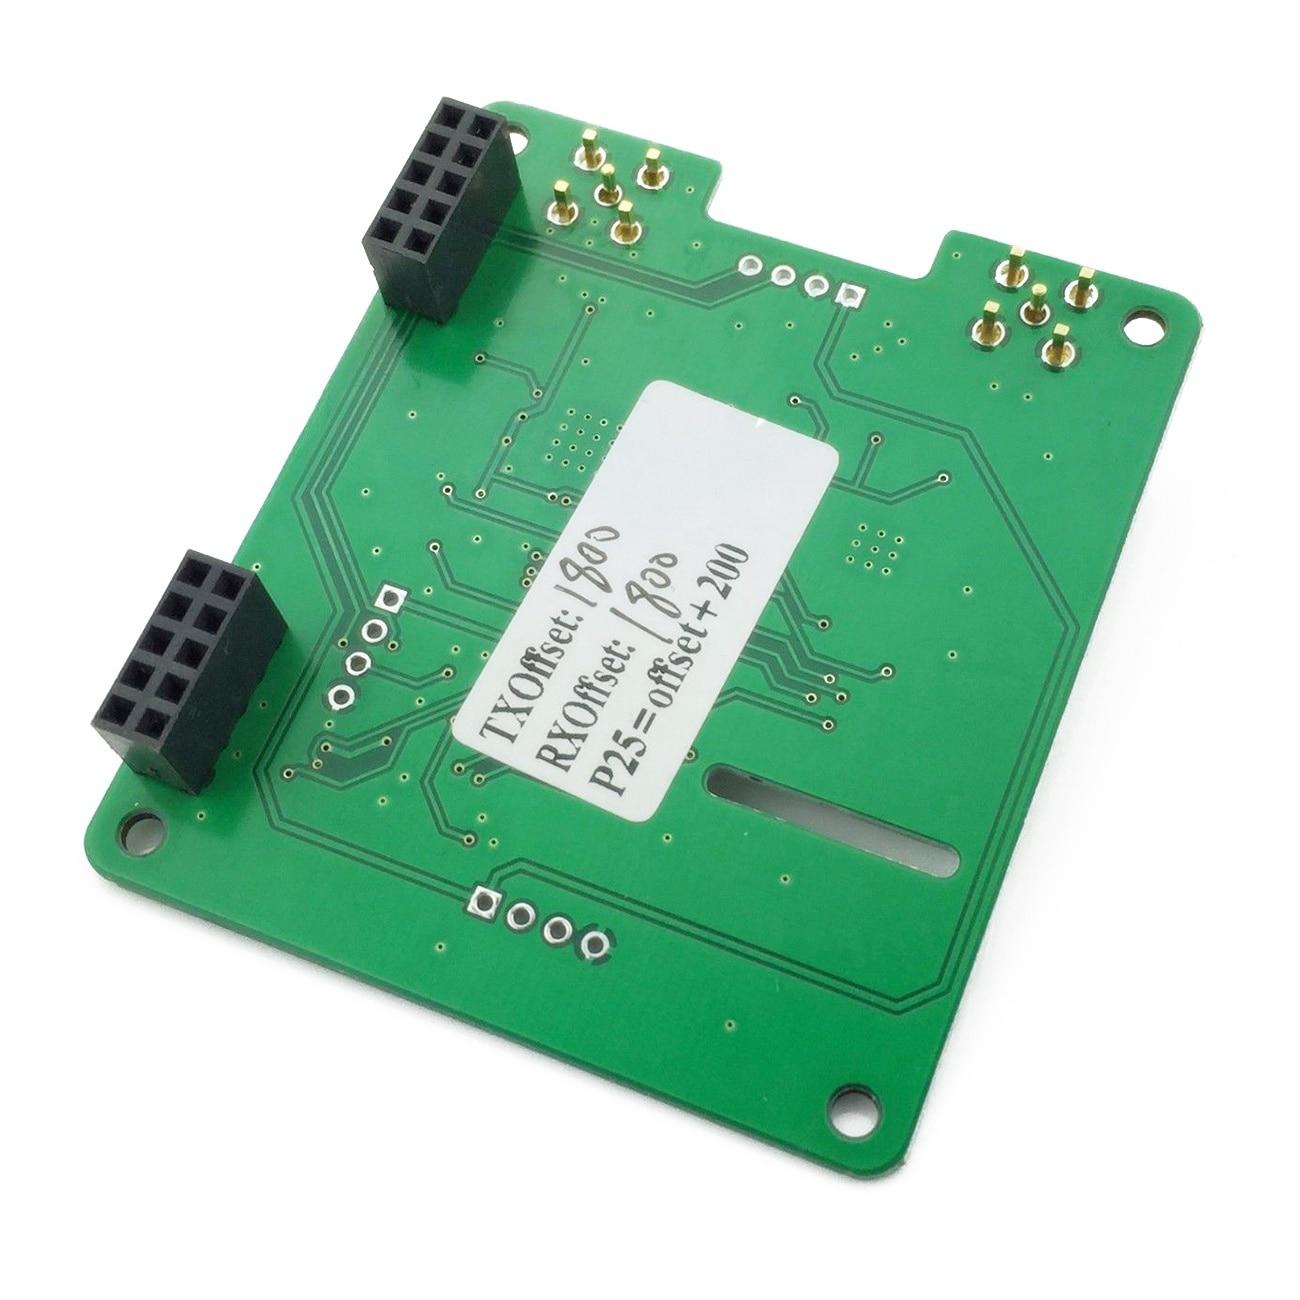 Prise en charge de Hotspot MMDVM Duplex P25 DMR YSF pour Raspberry Pi avec 2 antennes - 4